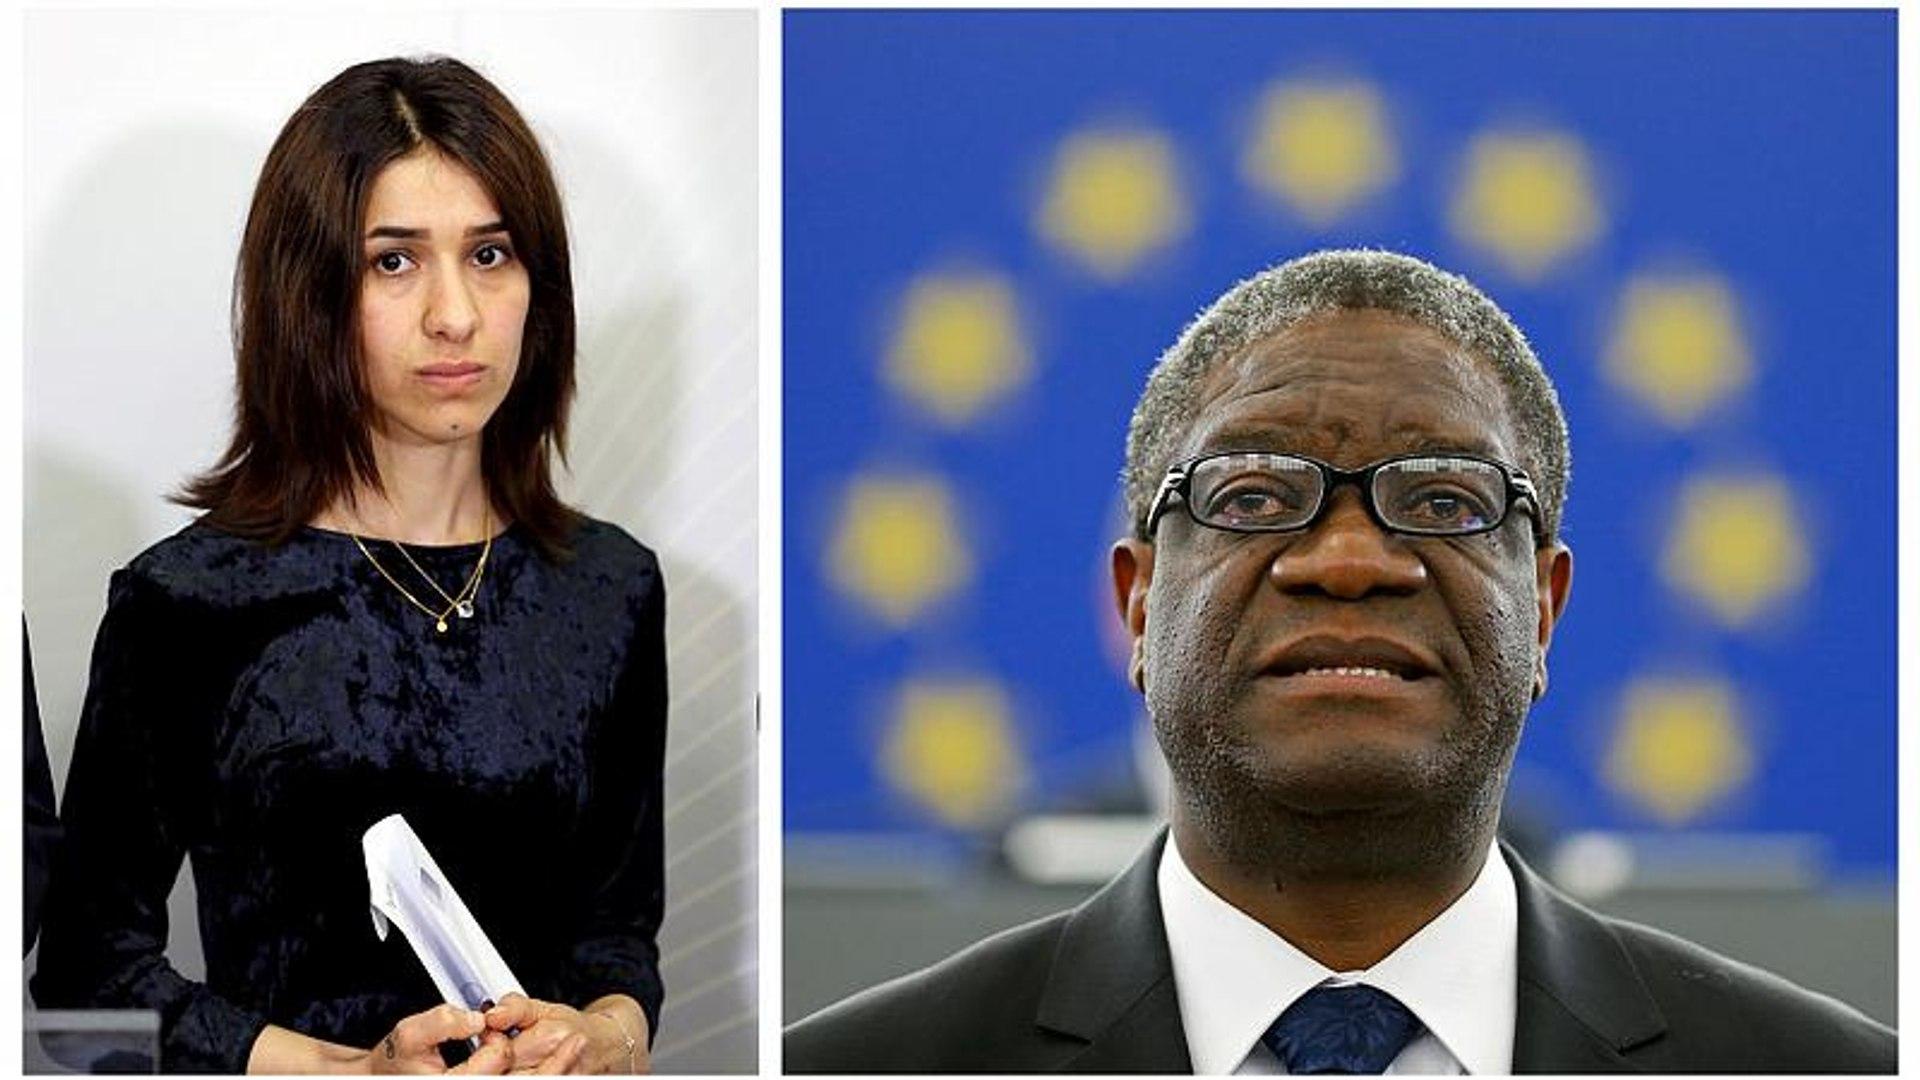 Il premio Nobel per la Pace 2018 a Denis Mukwege e Nadia Murad